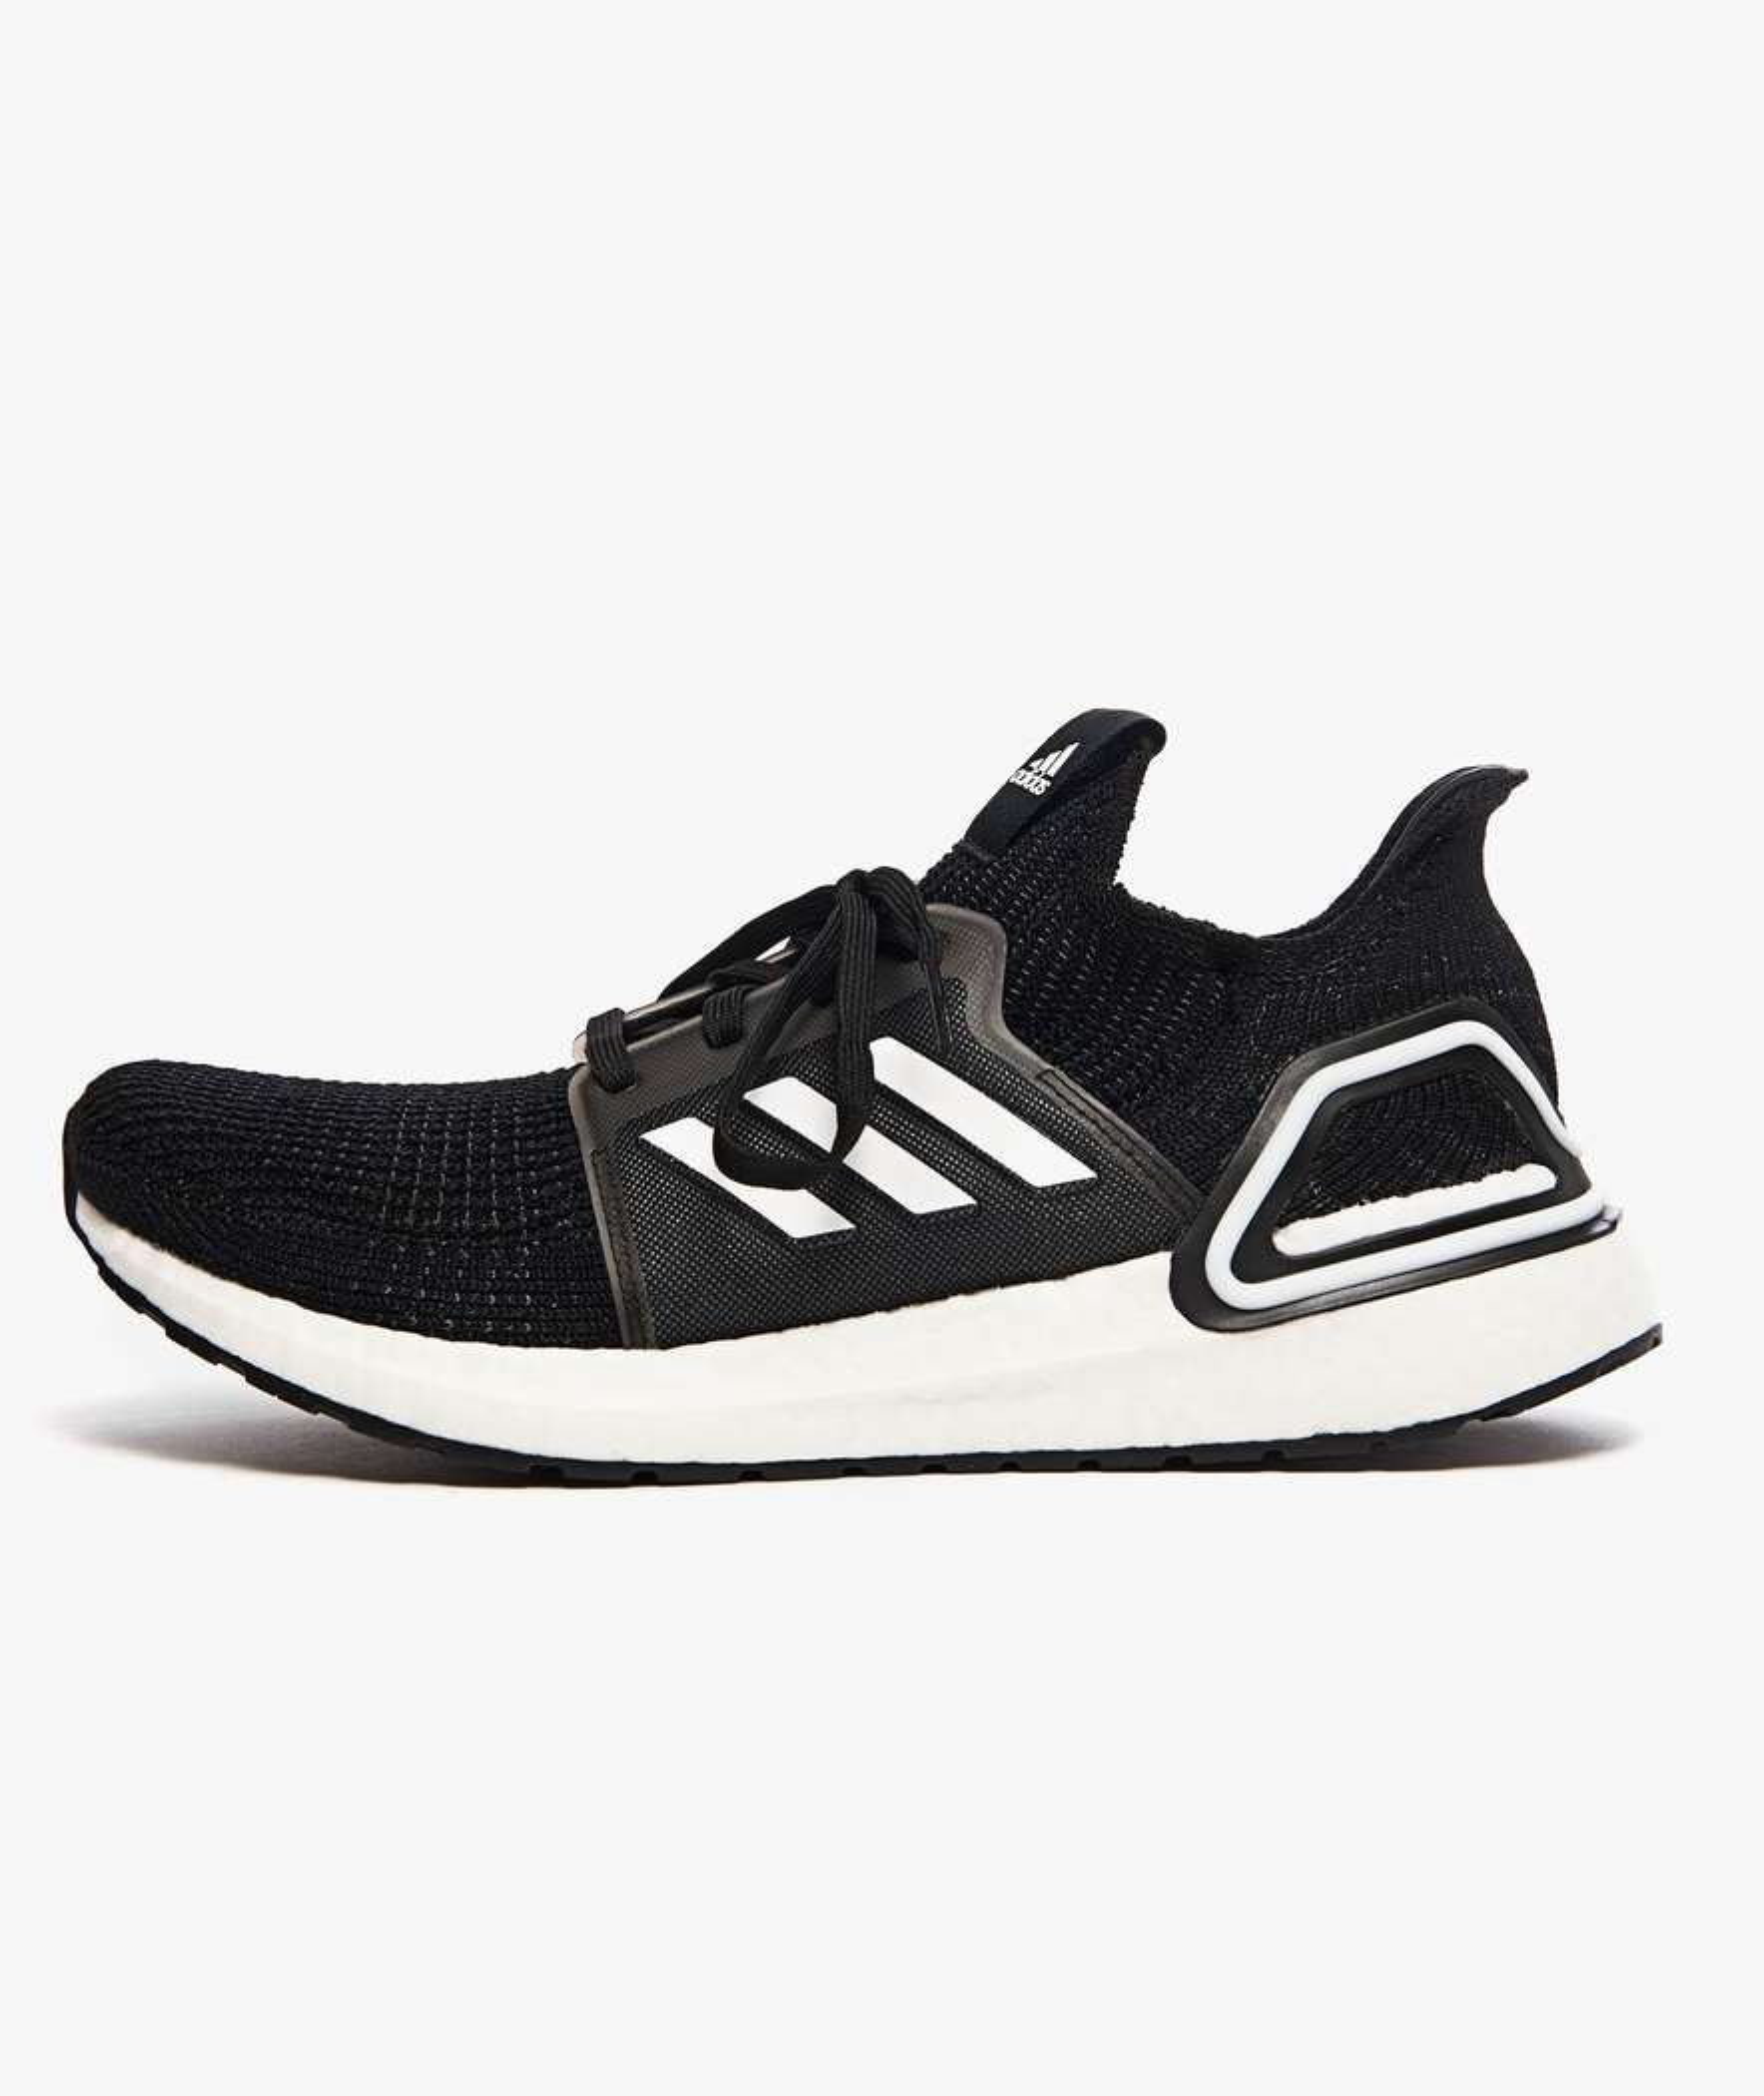 acheter 2% de r duction sur n'importe quel chaussure adidas